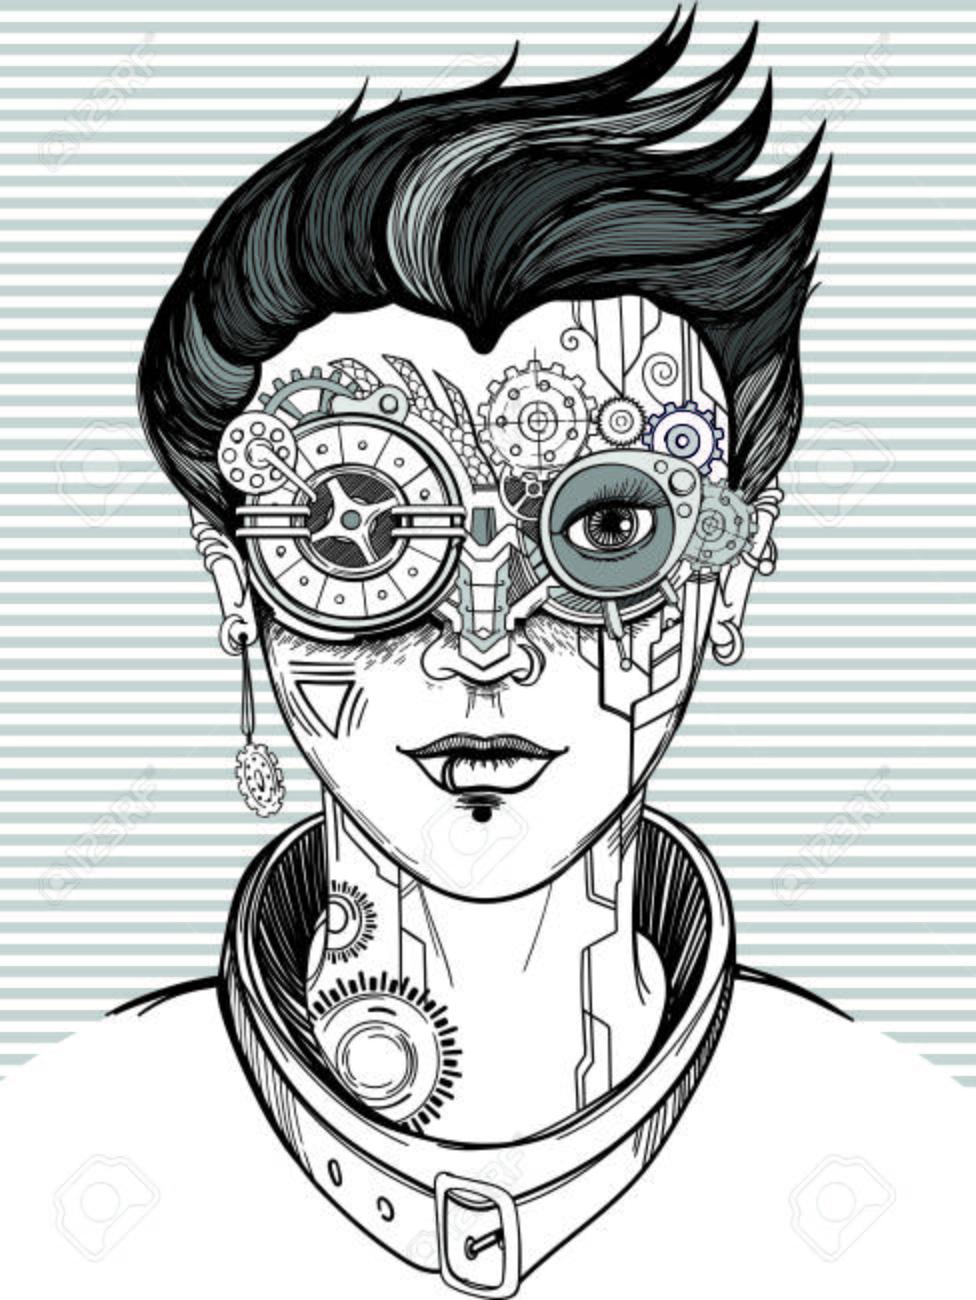 スチーム パンクな女の子モノクロのベクトル イラストt シャツ